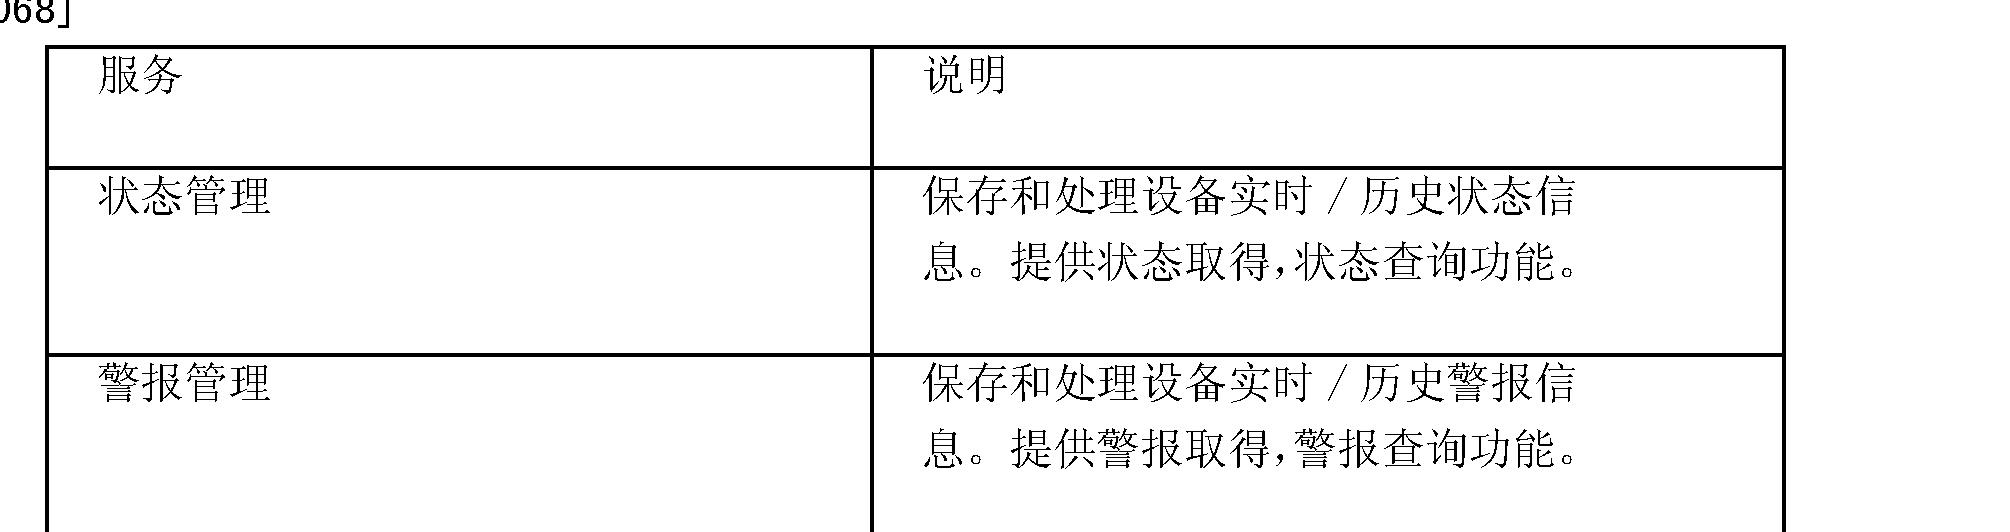 Figure CN101789630BD00081